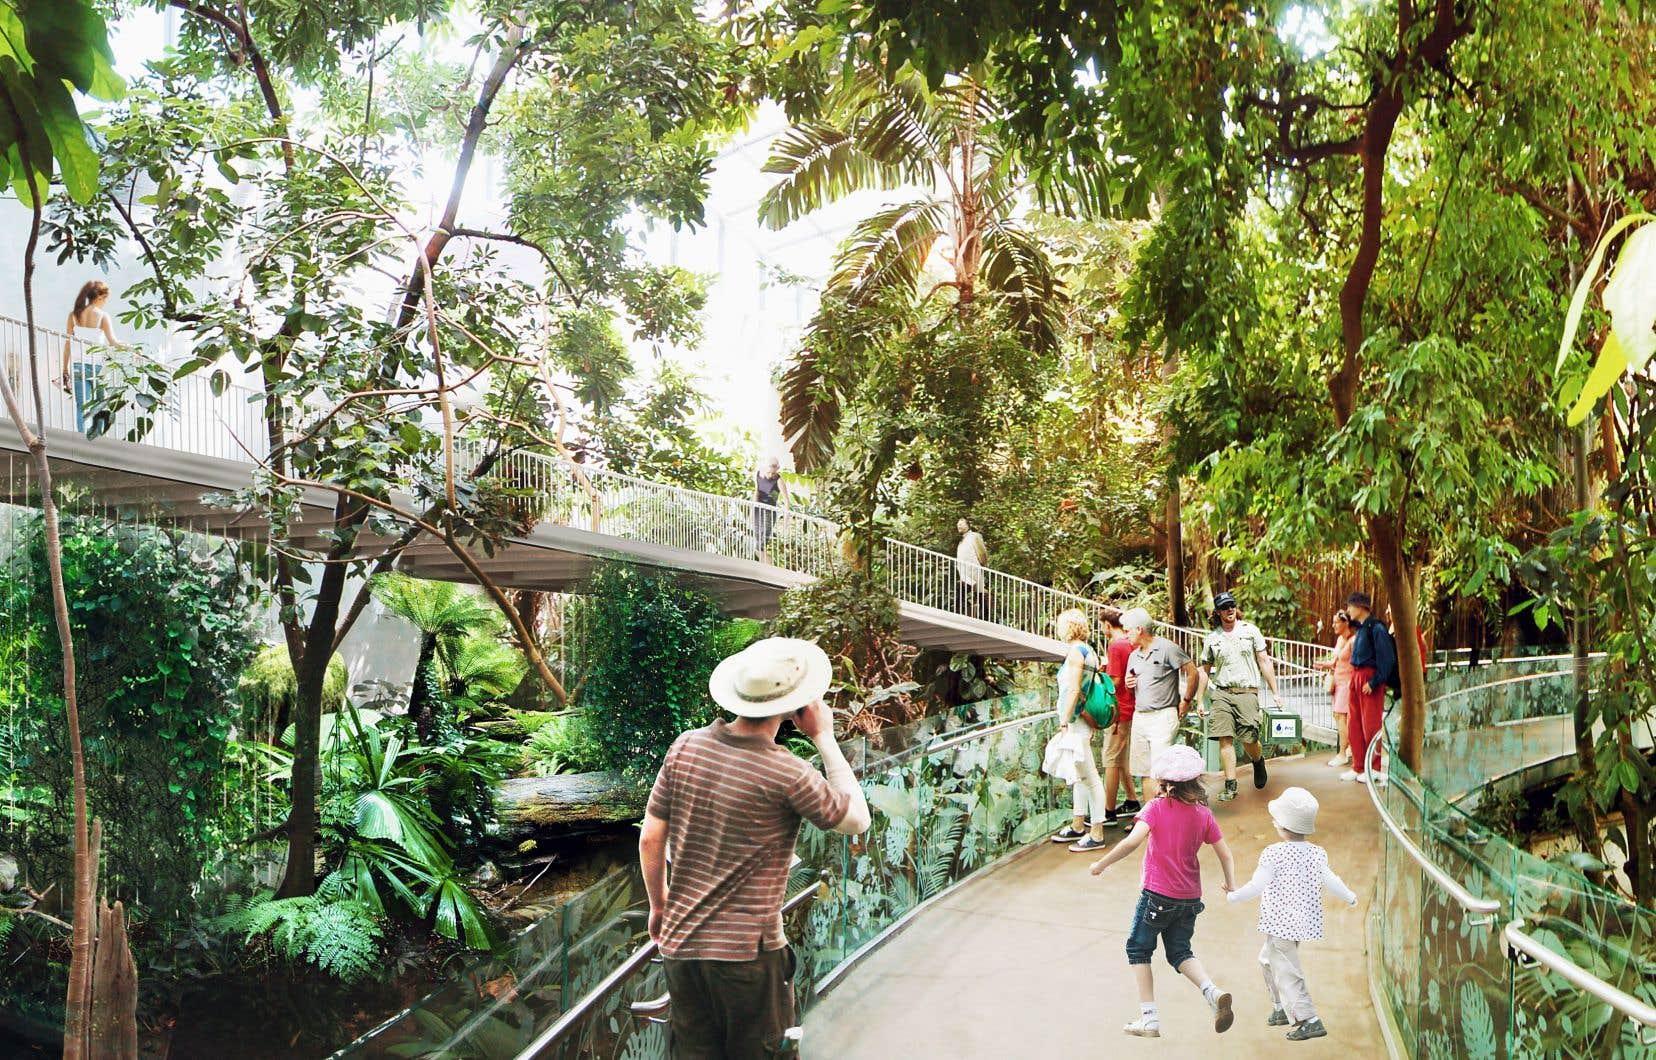 Une nouvelle passerelle permettra de rejoindre la mezzanine, d'où les visiteurs auront un nouveau point de vue qui leur permettra d'observer de plus près les animaux qui habitent la canopée.